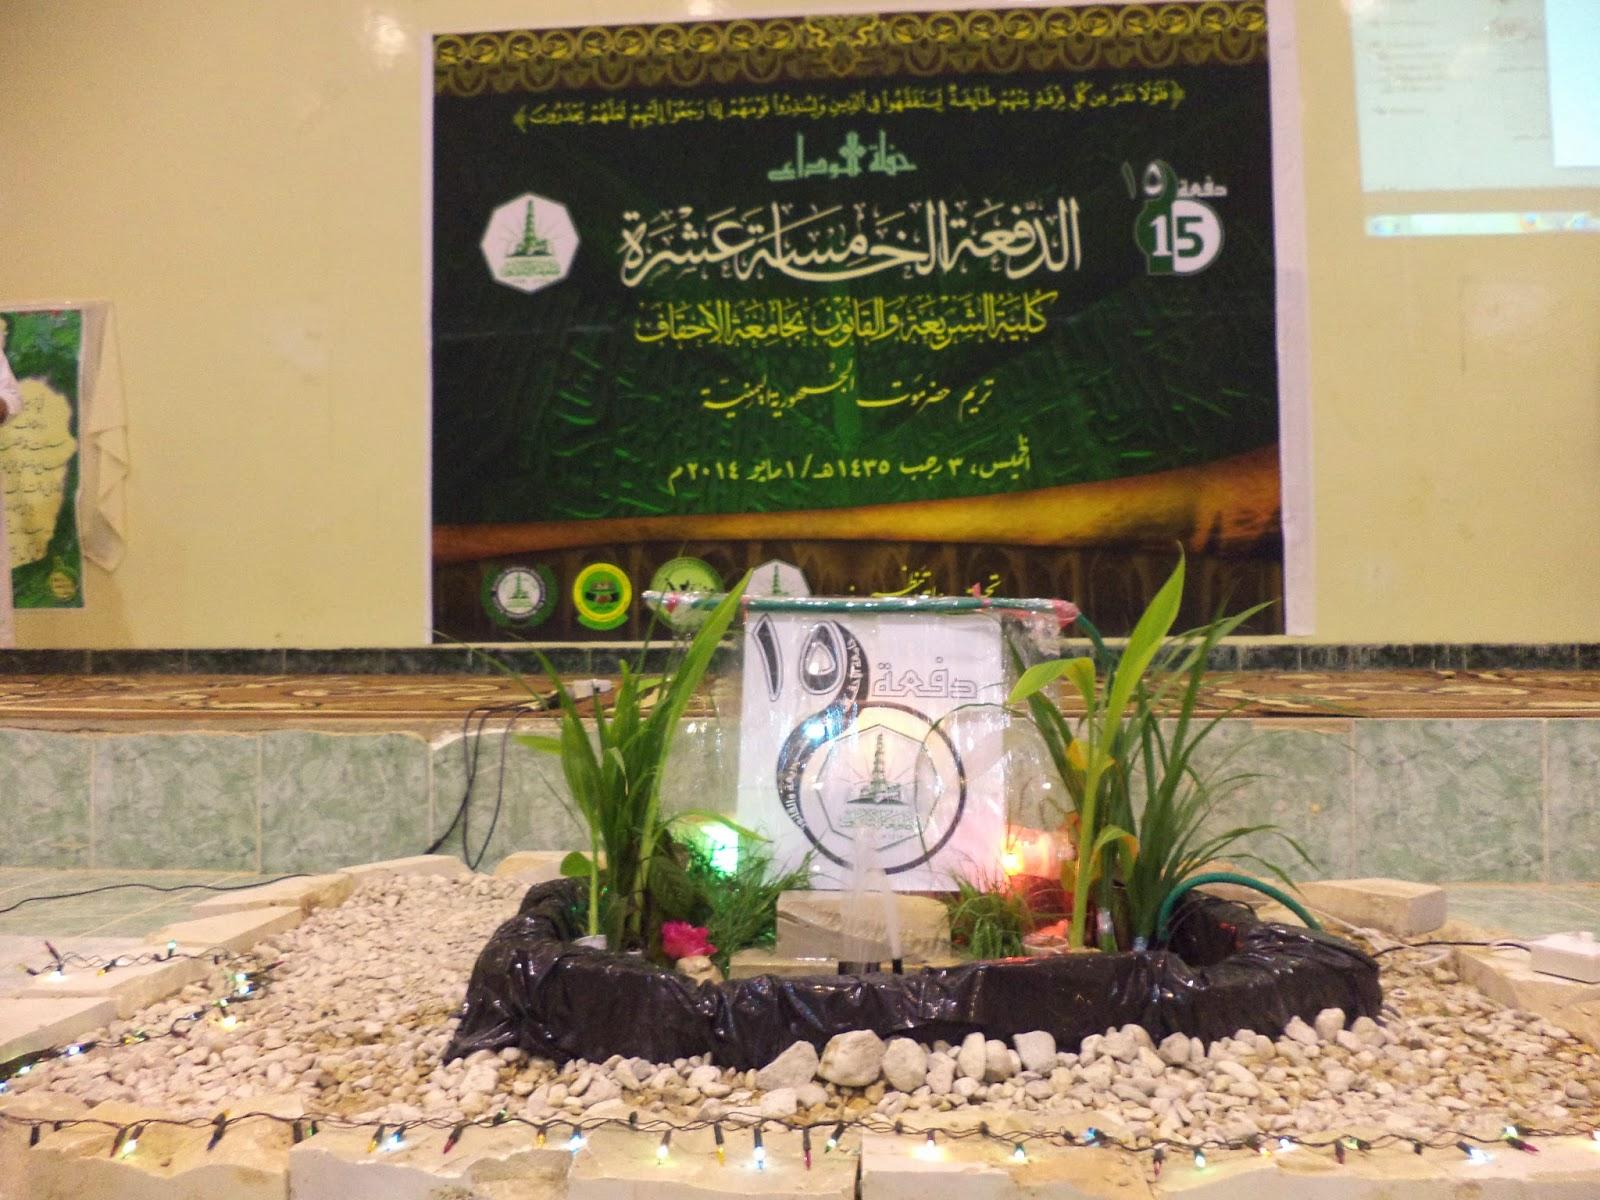 Seremoni Perpisahan Mahasiswa Fakultas Syariat dan Hukum Universitas Al-Ahgaff Yaman Angkatan 15